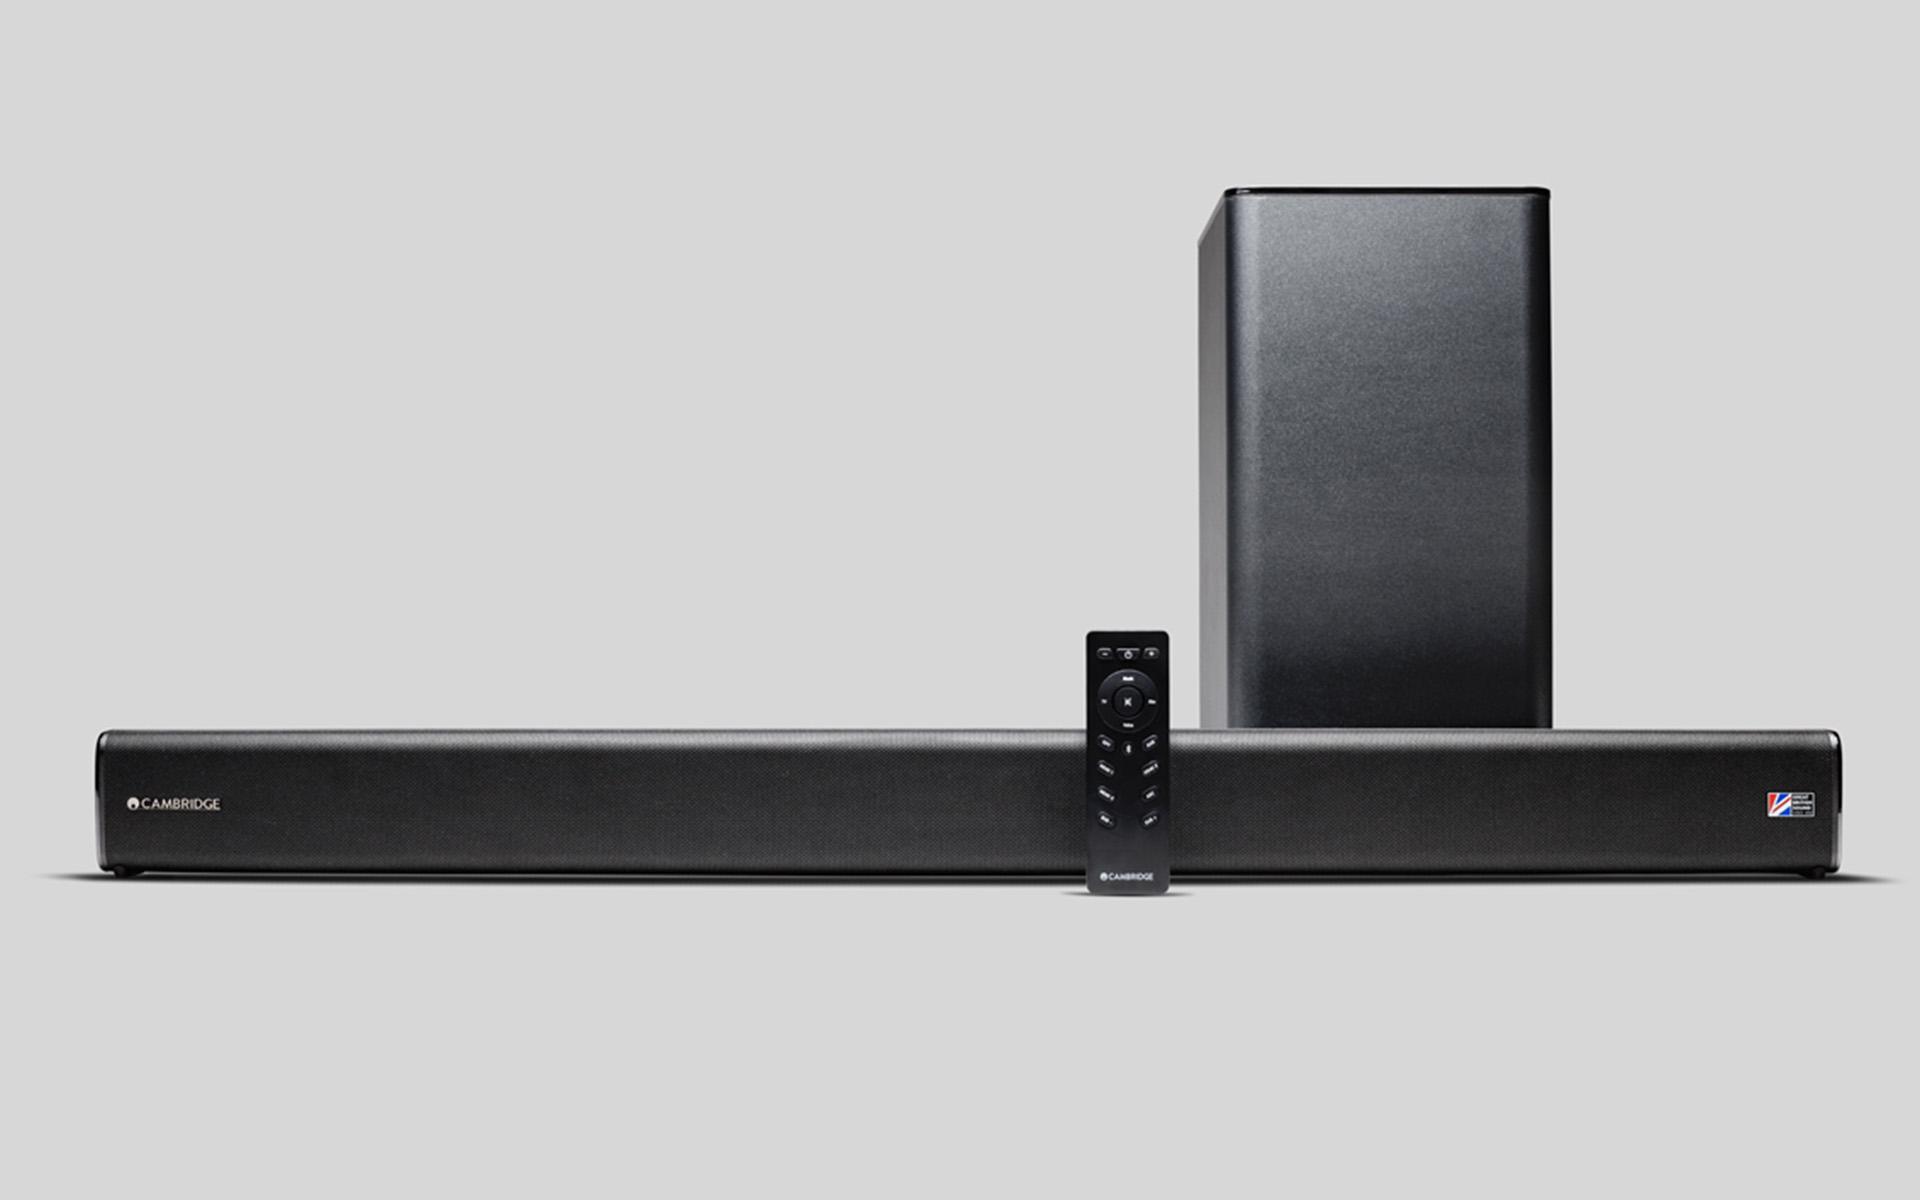 В комплекте поставки Cambridge Audio TVB2 (V2) – беспроводной сабвуфер и пульт дистанционного управления